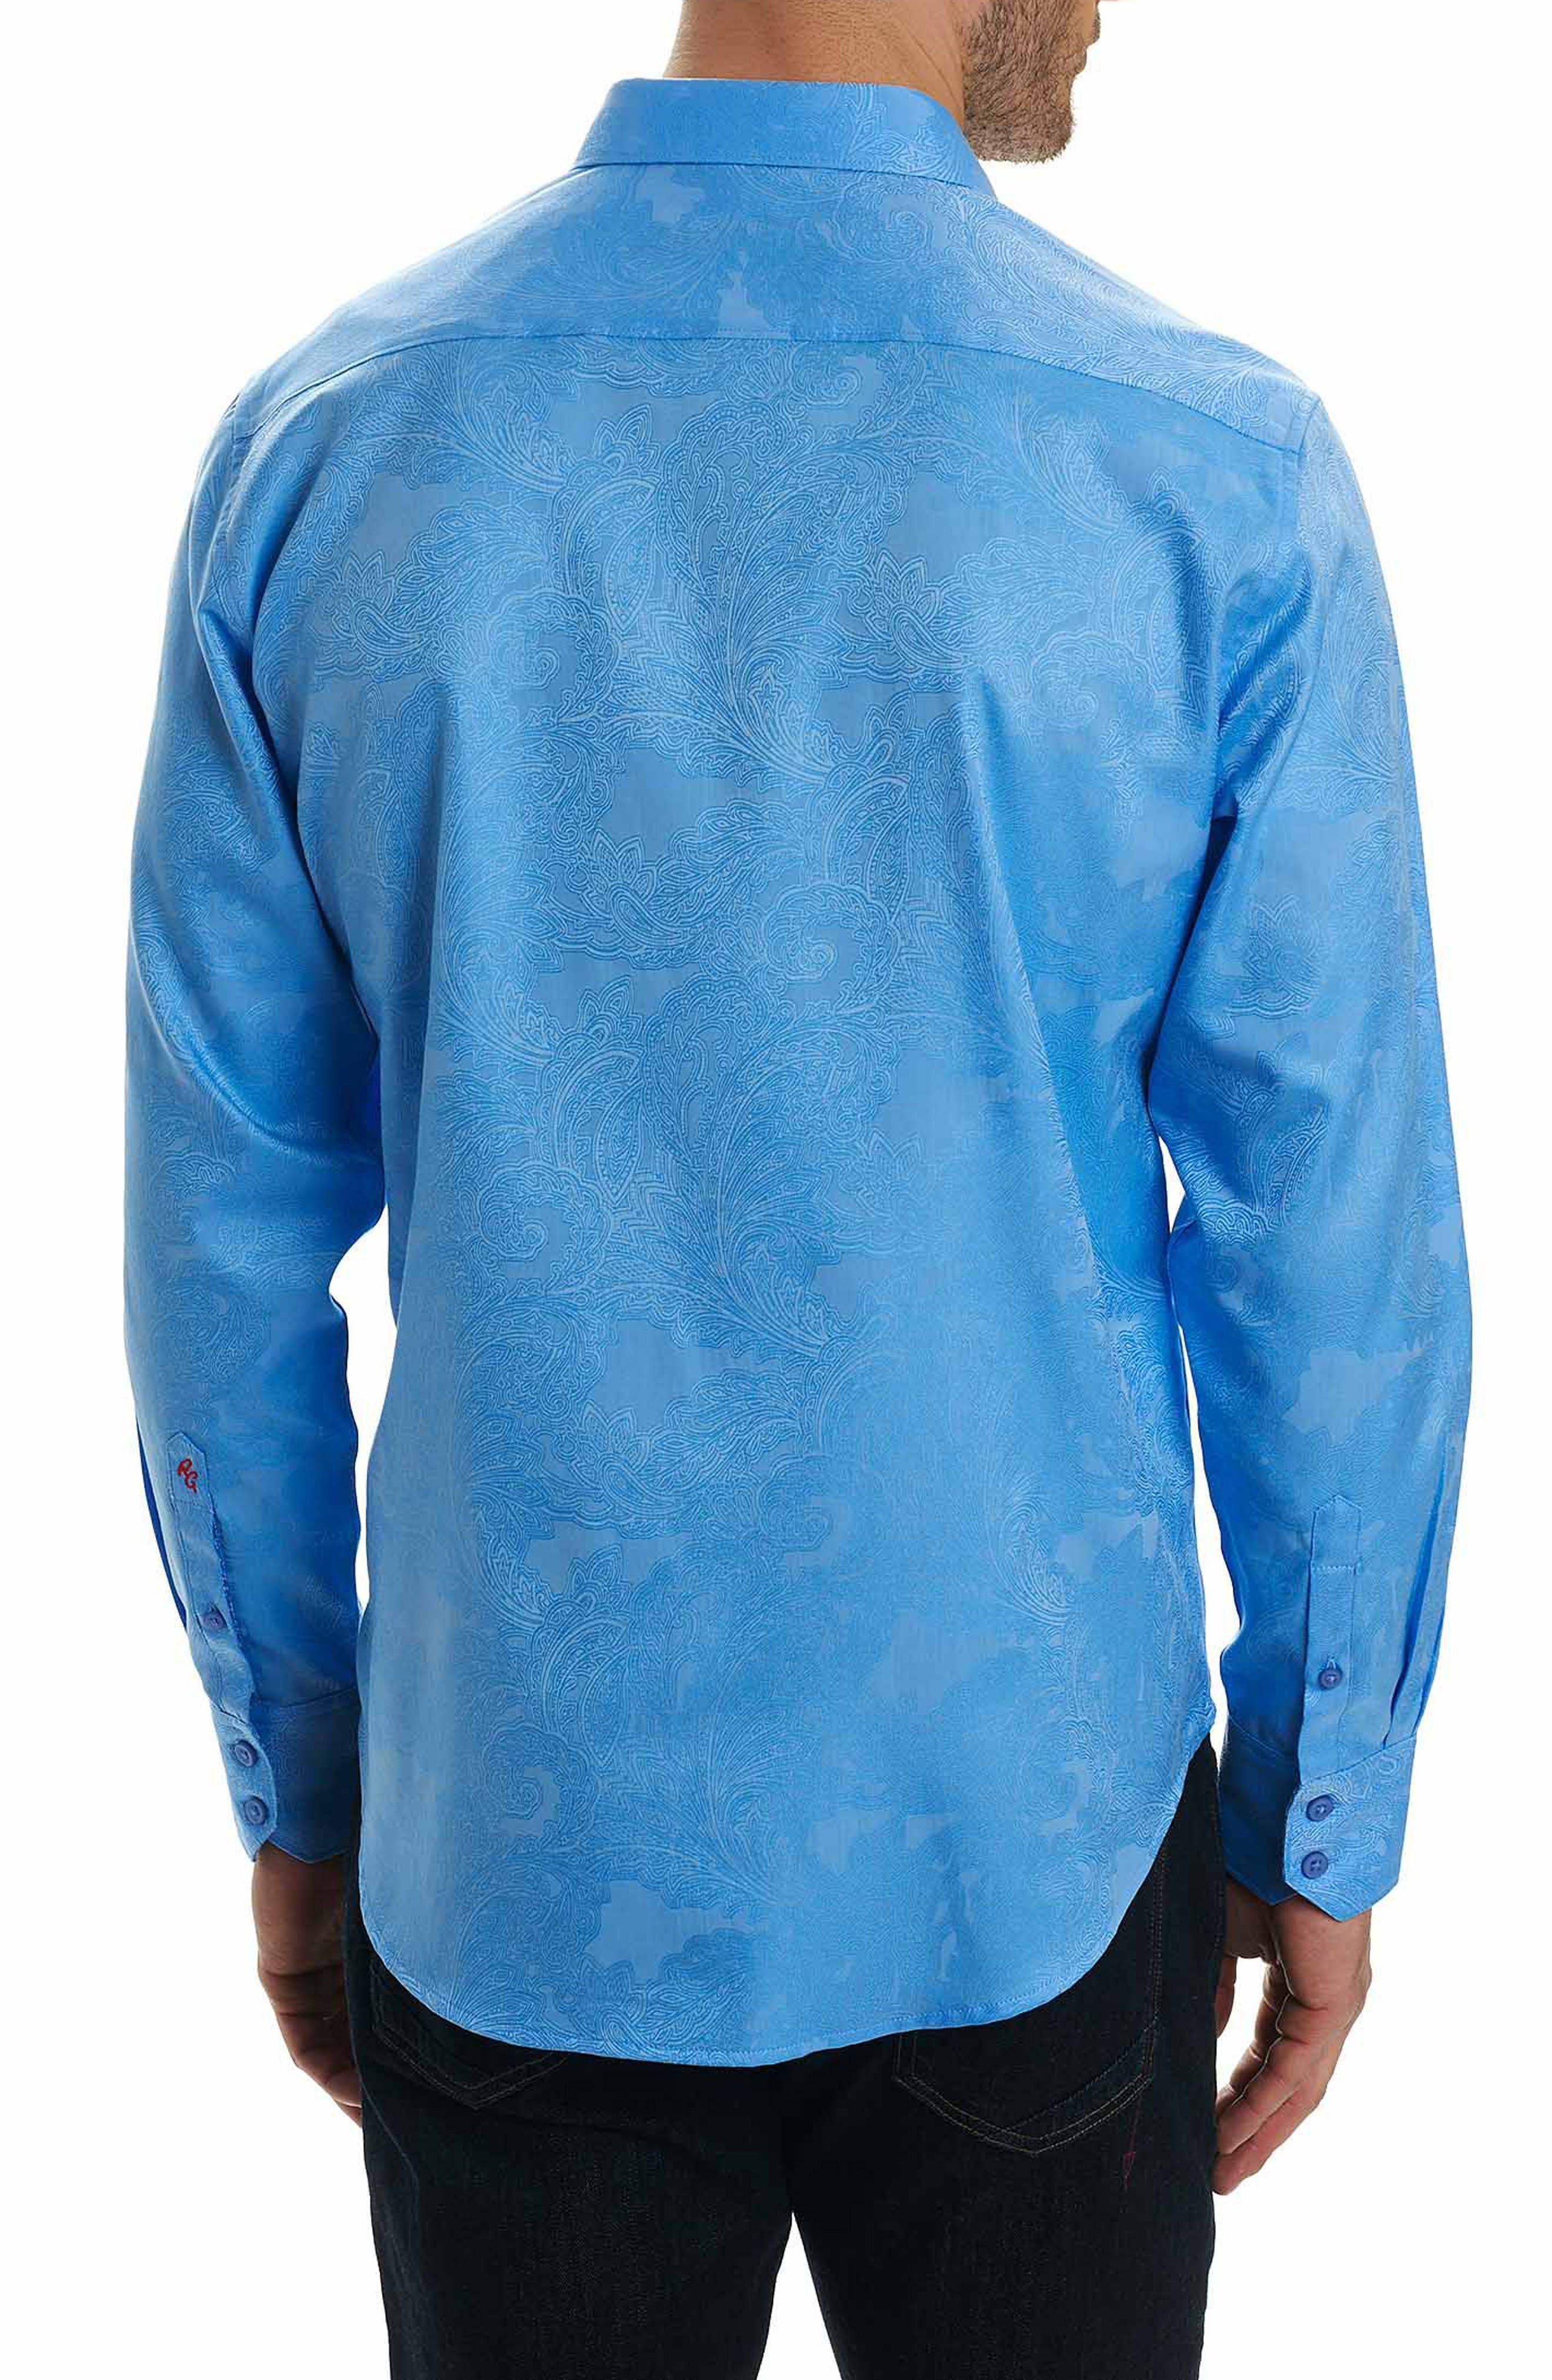 Rosendale Classic Fit Jacquard Sport Shirt,                             Alternate thumbnail 2, color,                             Light Blue